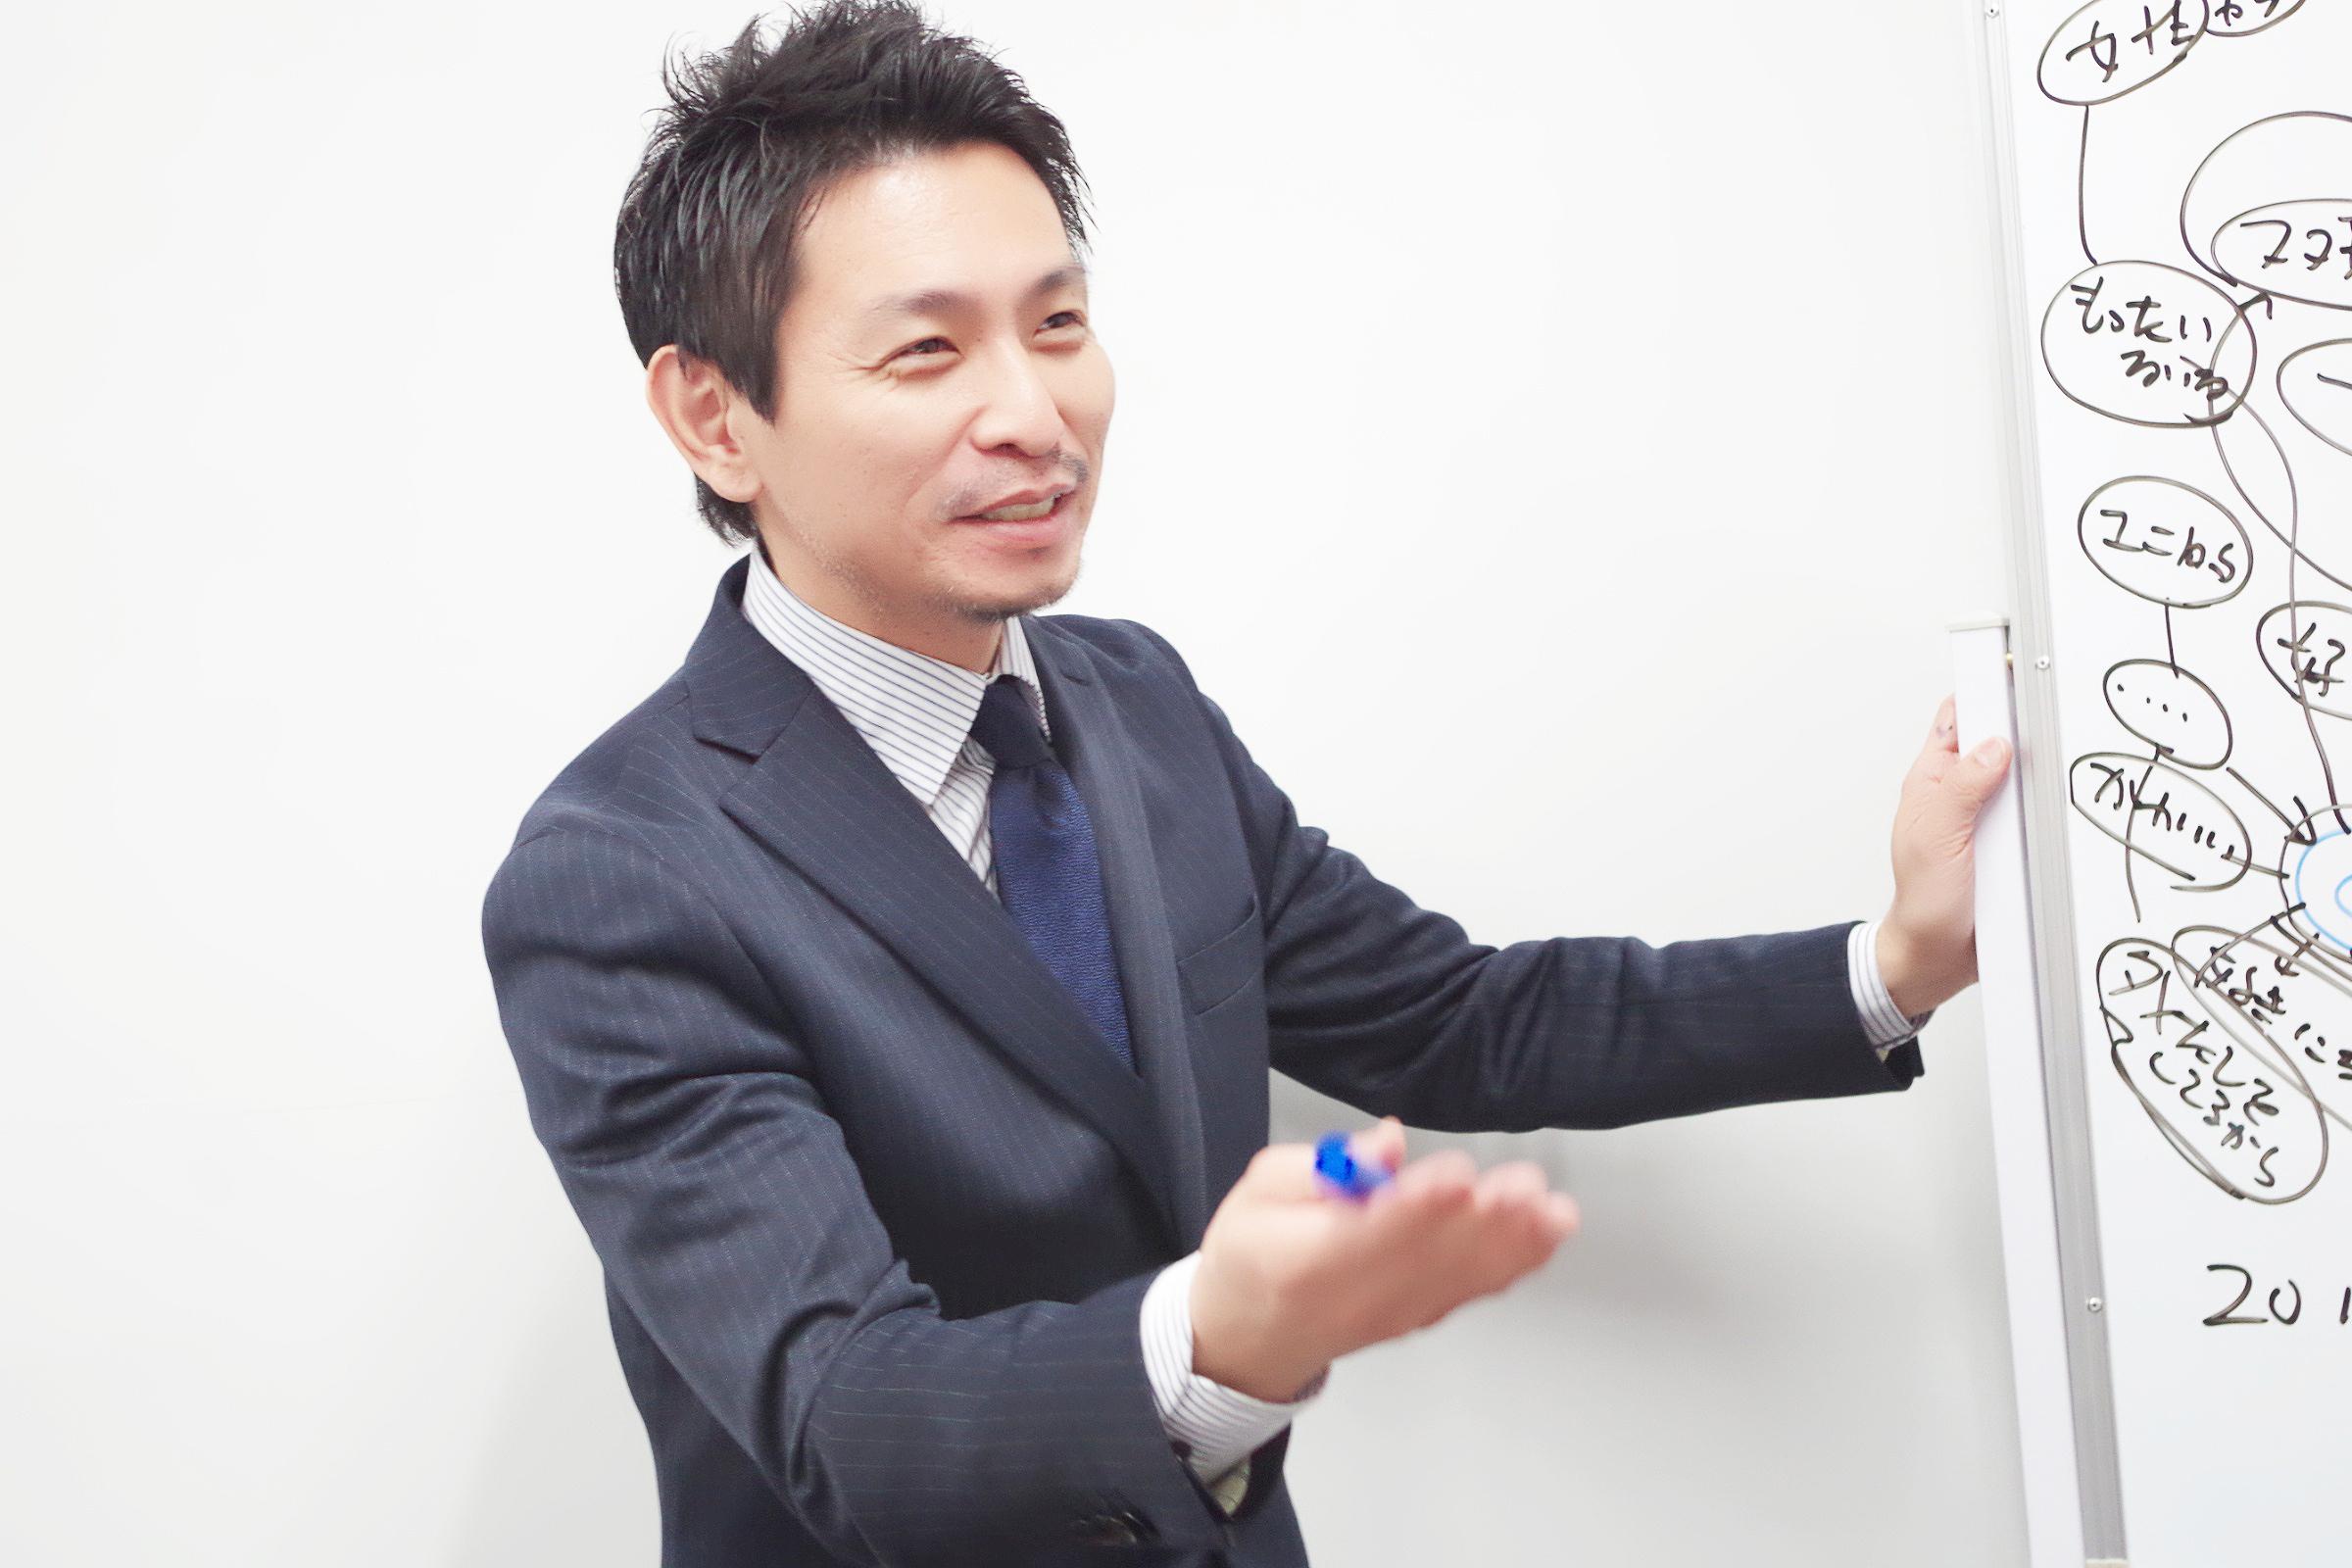 カウンセラー・おのころ心平先生インタビュー全3回 Vol.2~「ibマッピング」でダメ恋愛にピリオドを!